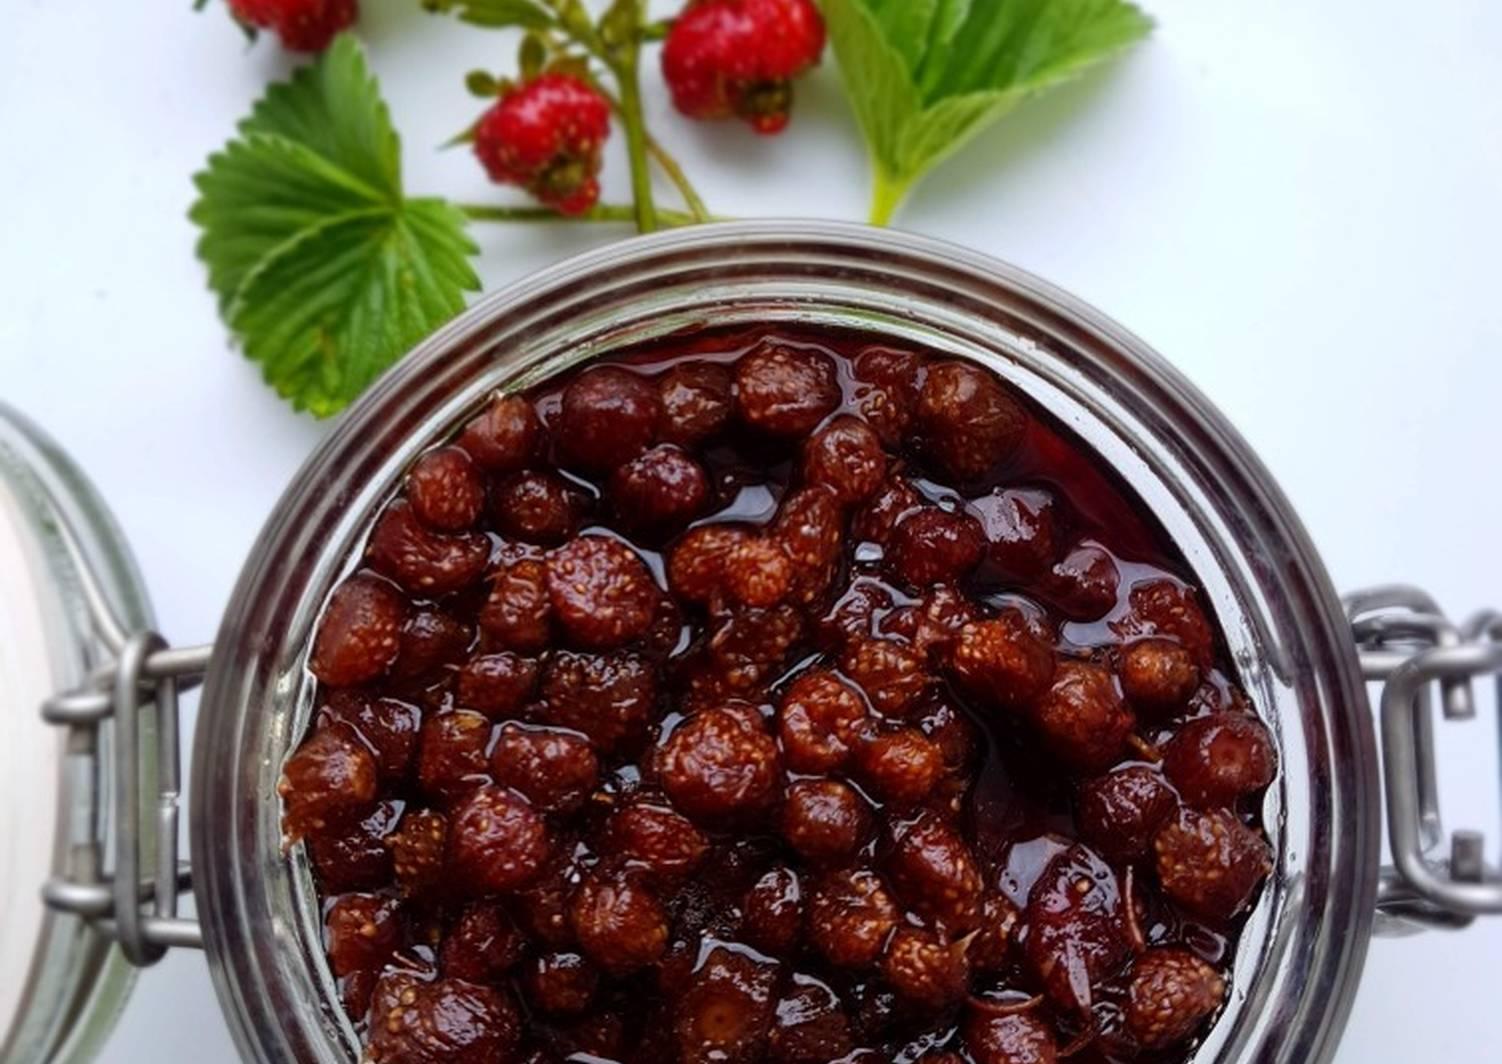 Как варить варенье из земляники лесной: рецепты полезного и вкусного лакомства